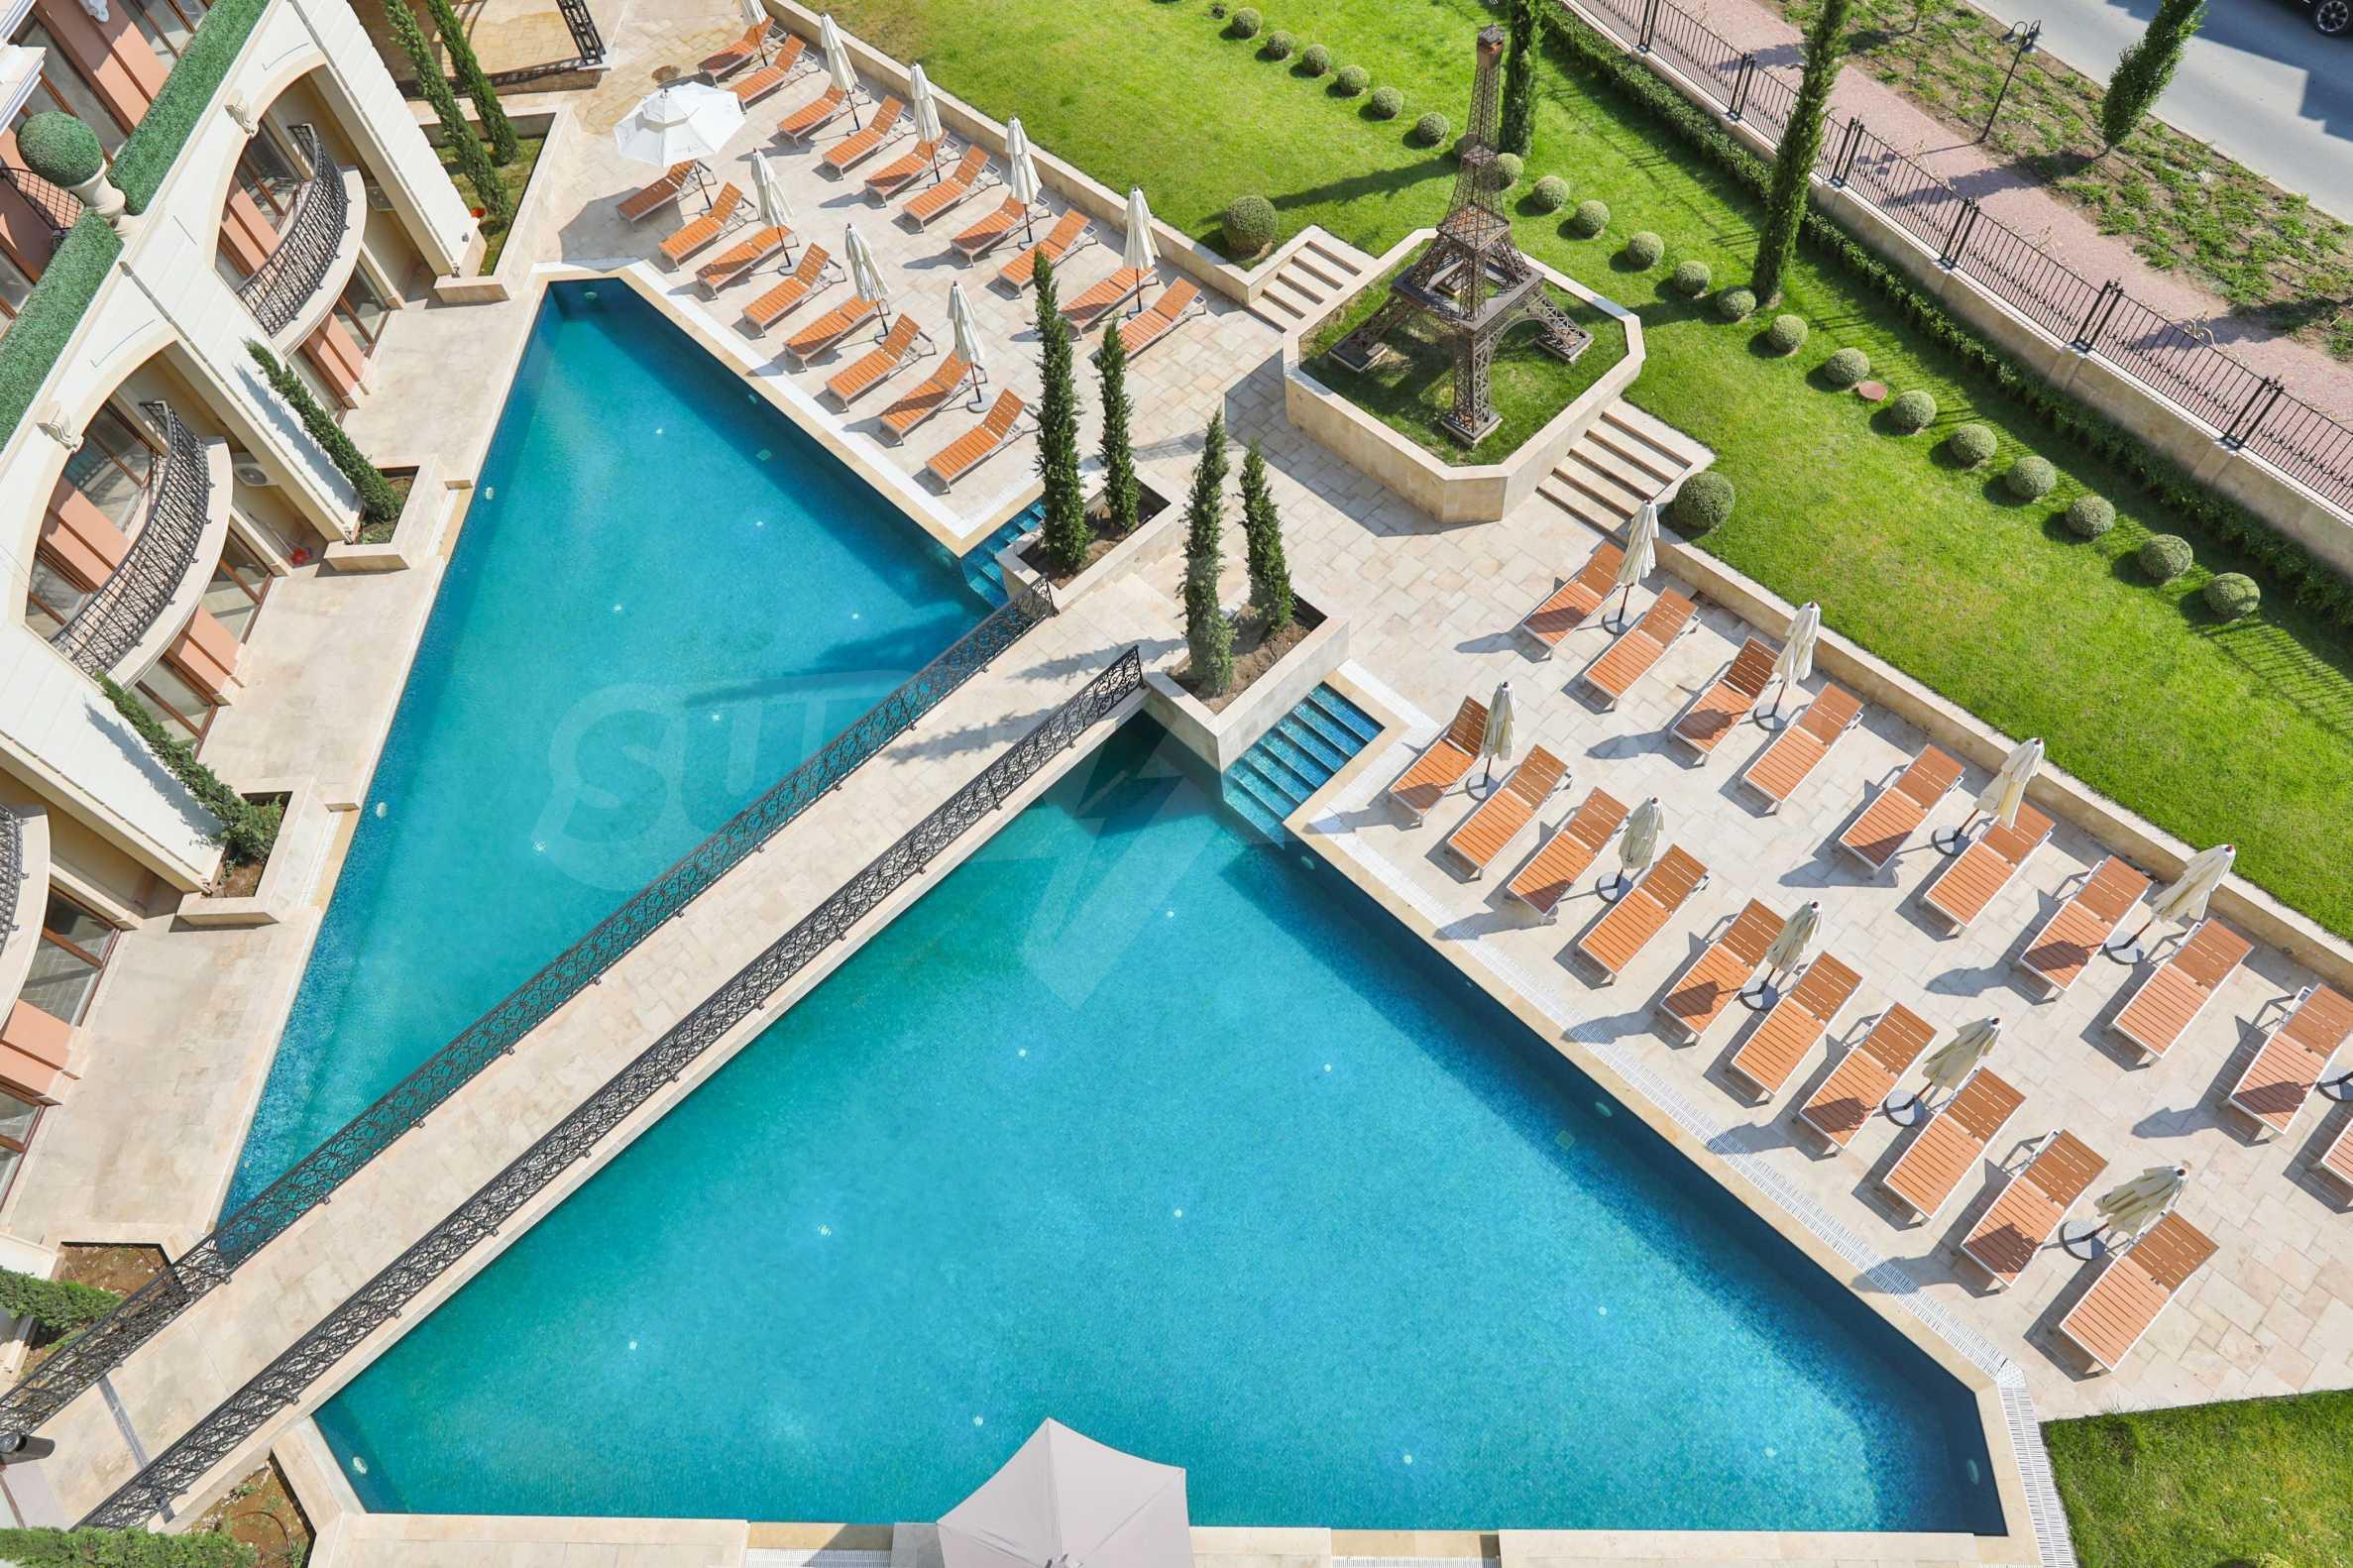 Erstklassige Apartments  zum TOP-Preis ab 890 €/m² im Komplex im Stil der französischen Renaissance (Akt 16) 18